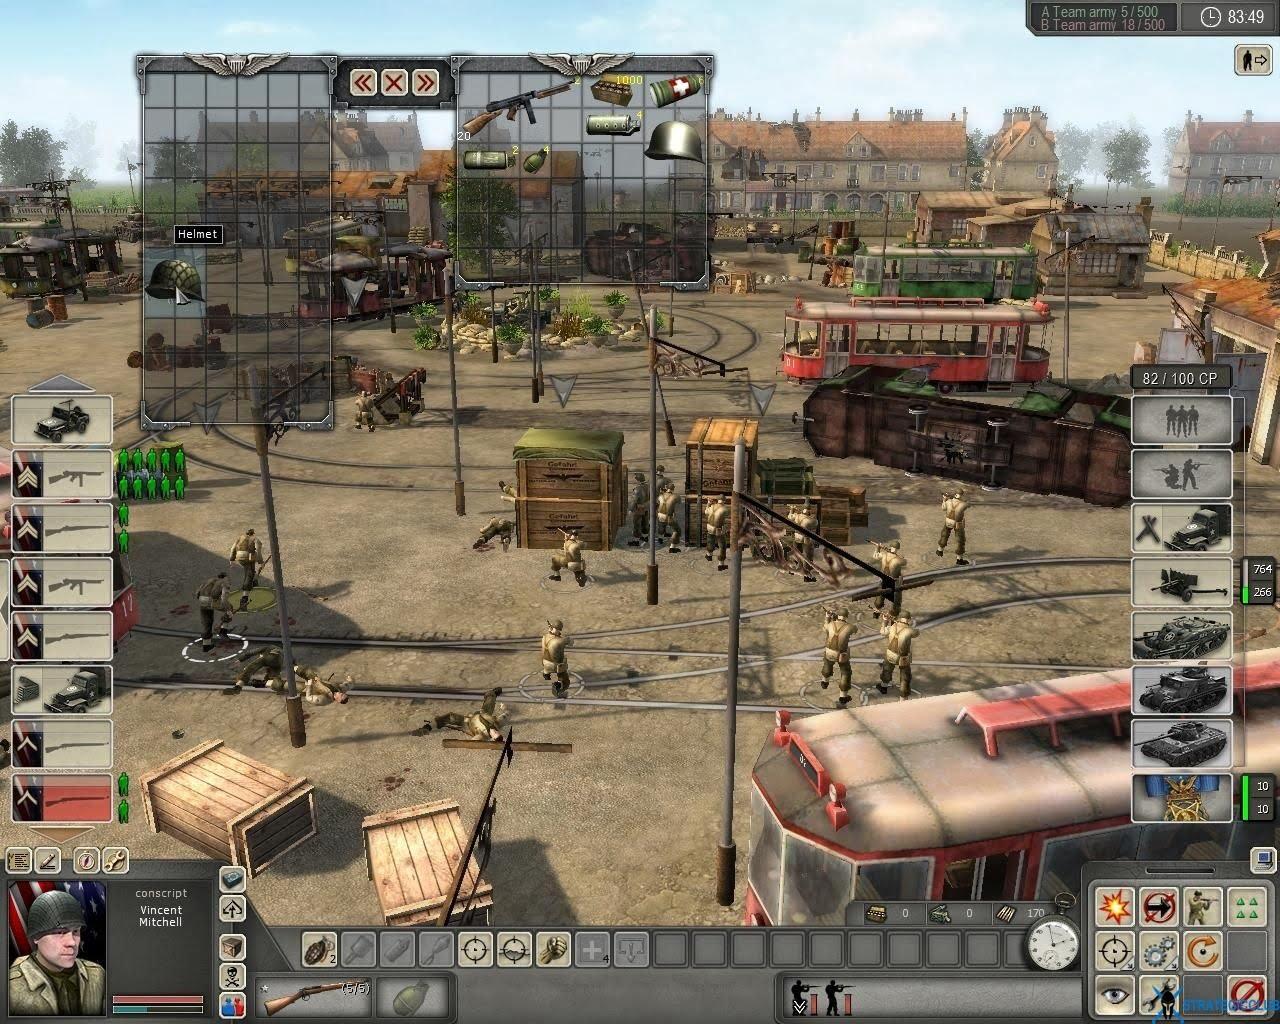 دانلود مد Cheat Mod برای بازی Men of War: Assault Squad 2